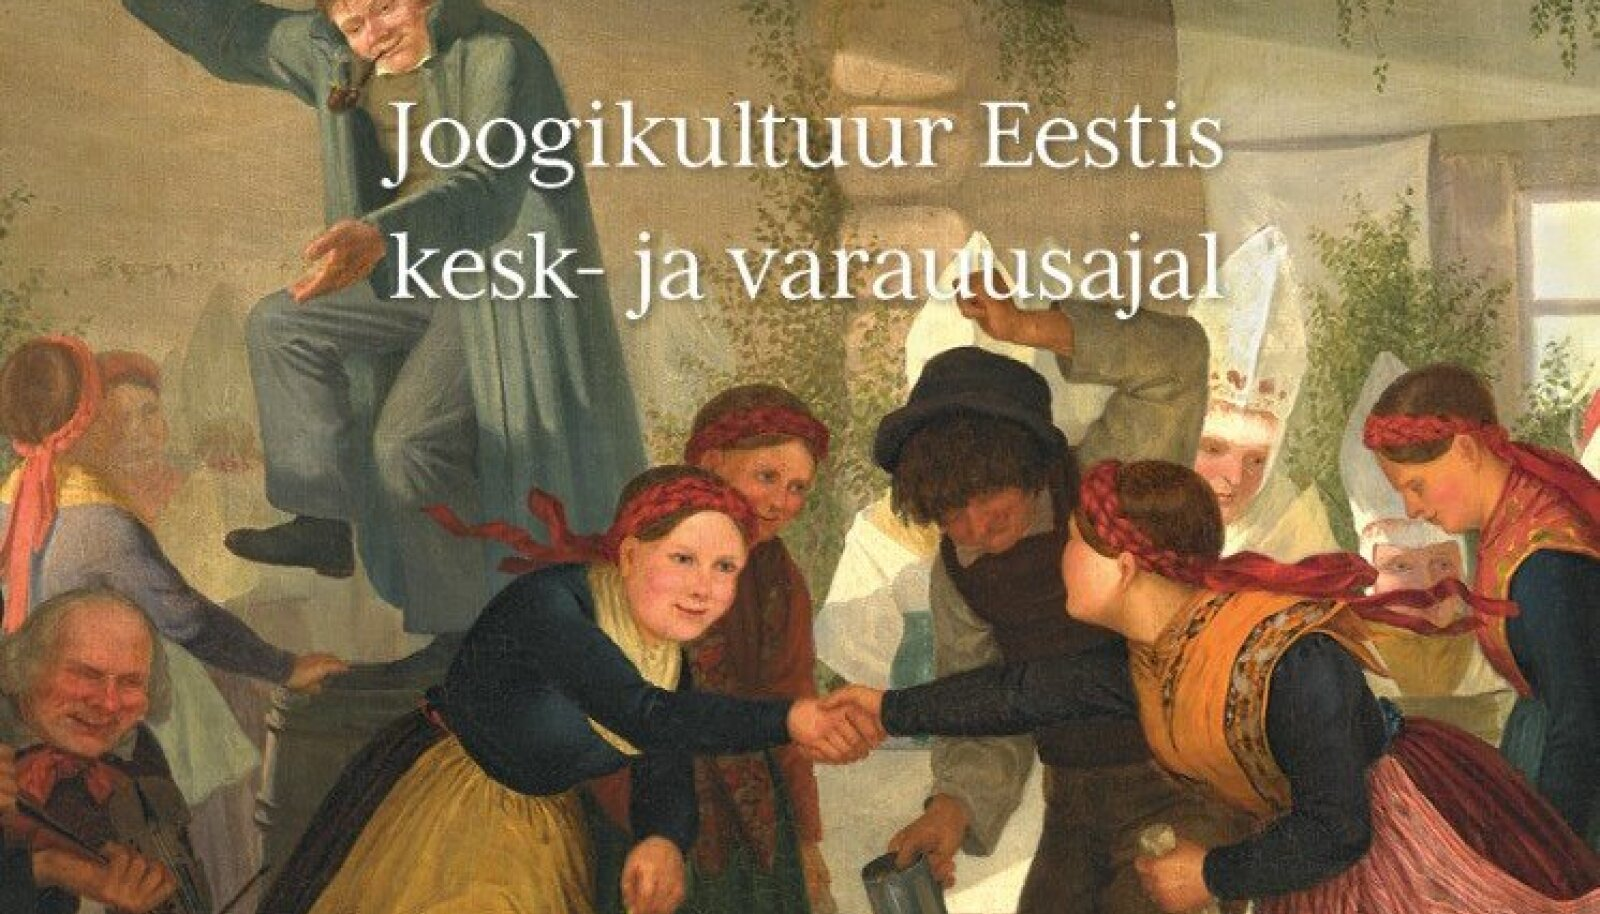 """Keskaja uurija Inna Põltsam-Jürjo raamat """"Viin, vein ja vesi. Joogikultuur Eestis kesk- ja varauusajal""""."""